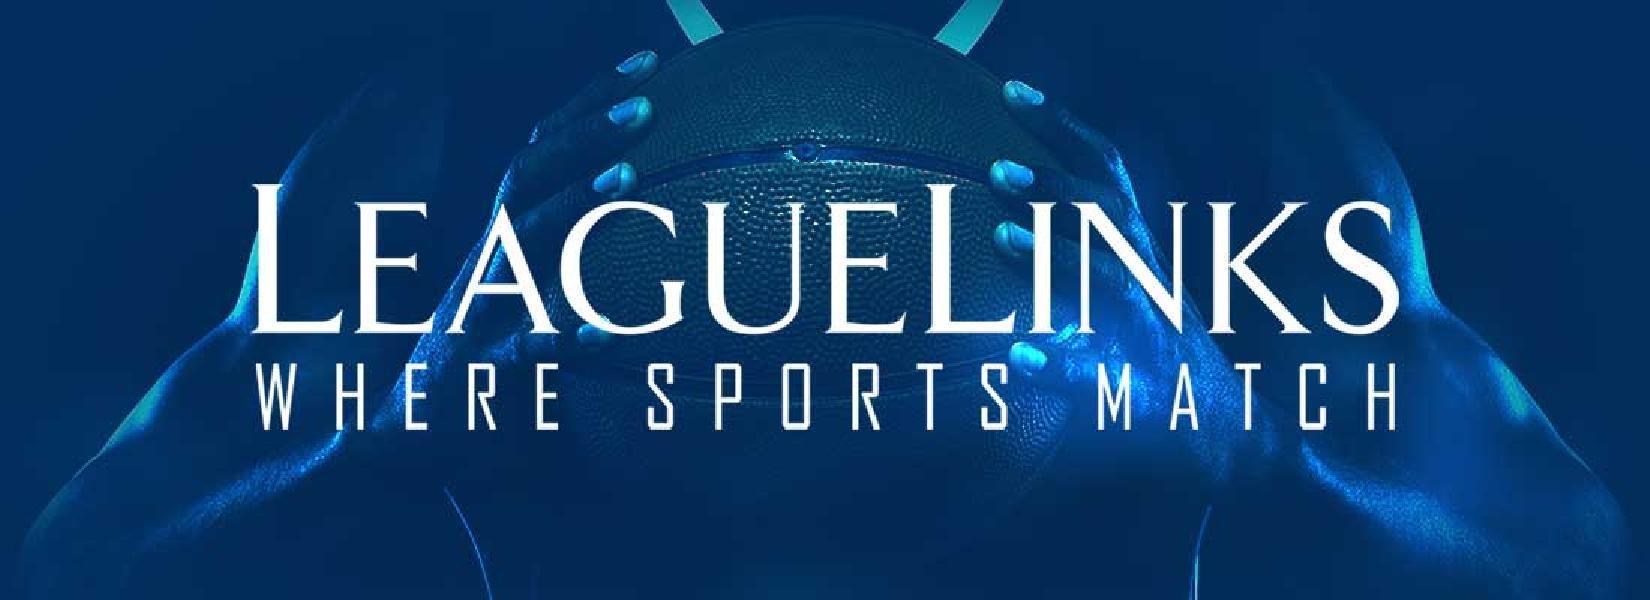 https://www.basketmarche.it/immagini_articoli/28-06-2021/iscrivetevi-leaguelinks-community-mondo-basket-600.jpg